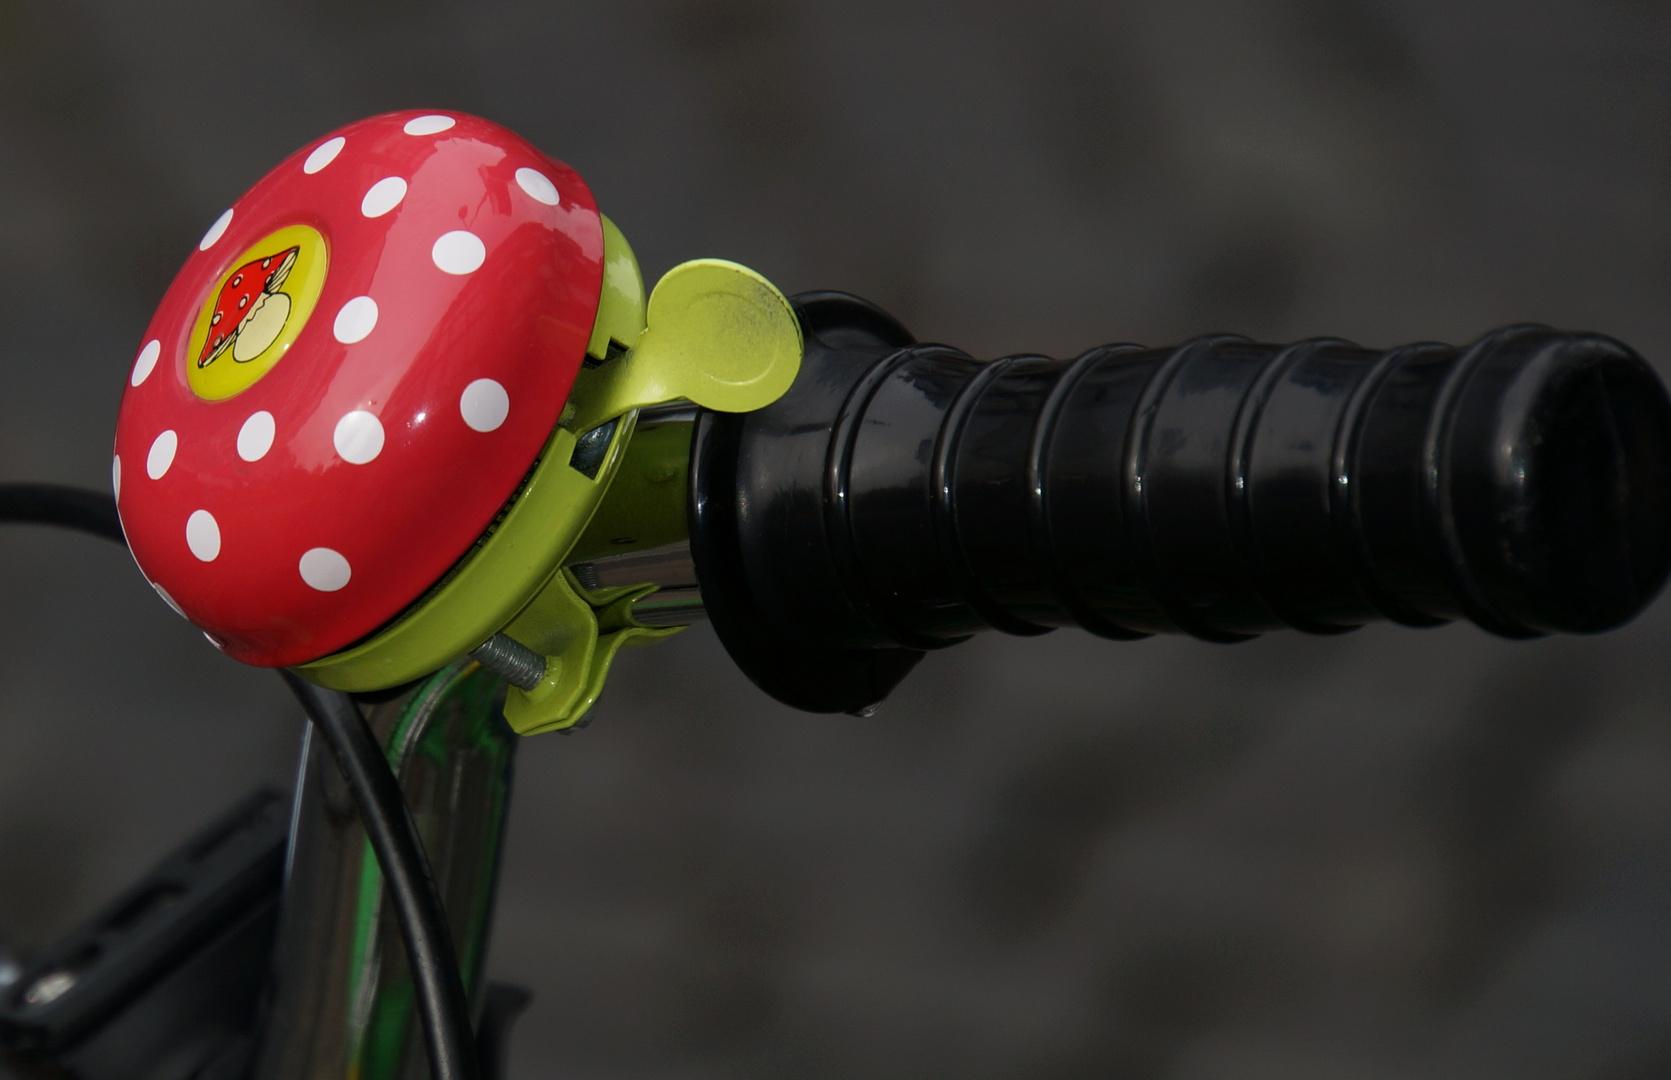 Fahrradklingel Aachen 10-2013